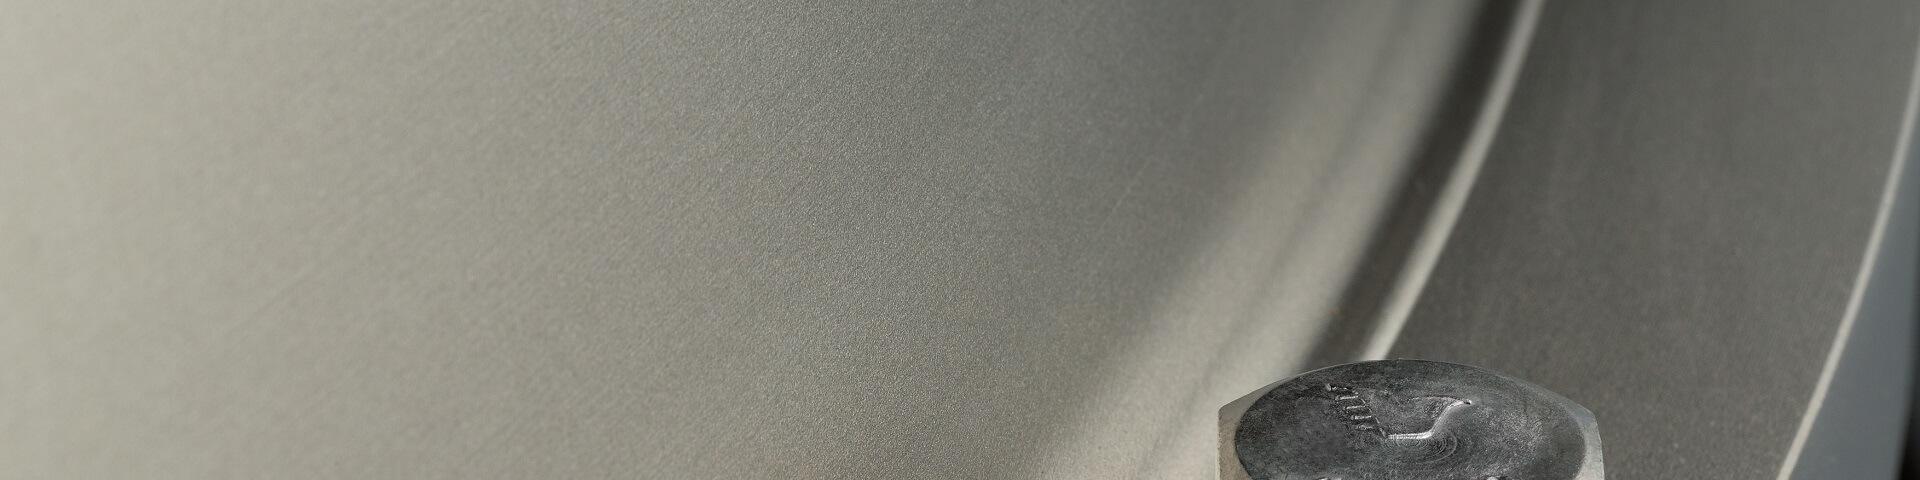 separator2 herobanner 1920x480